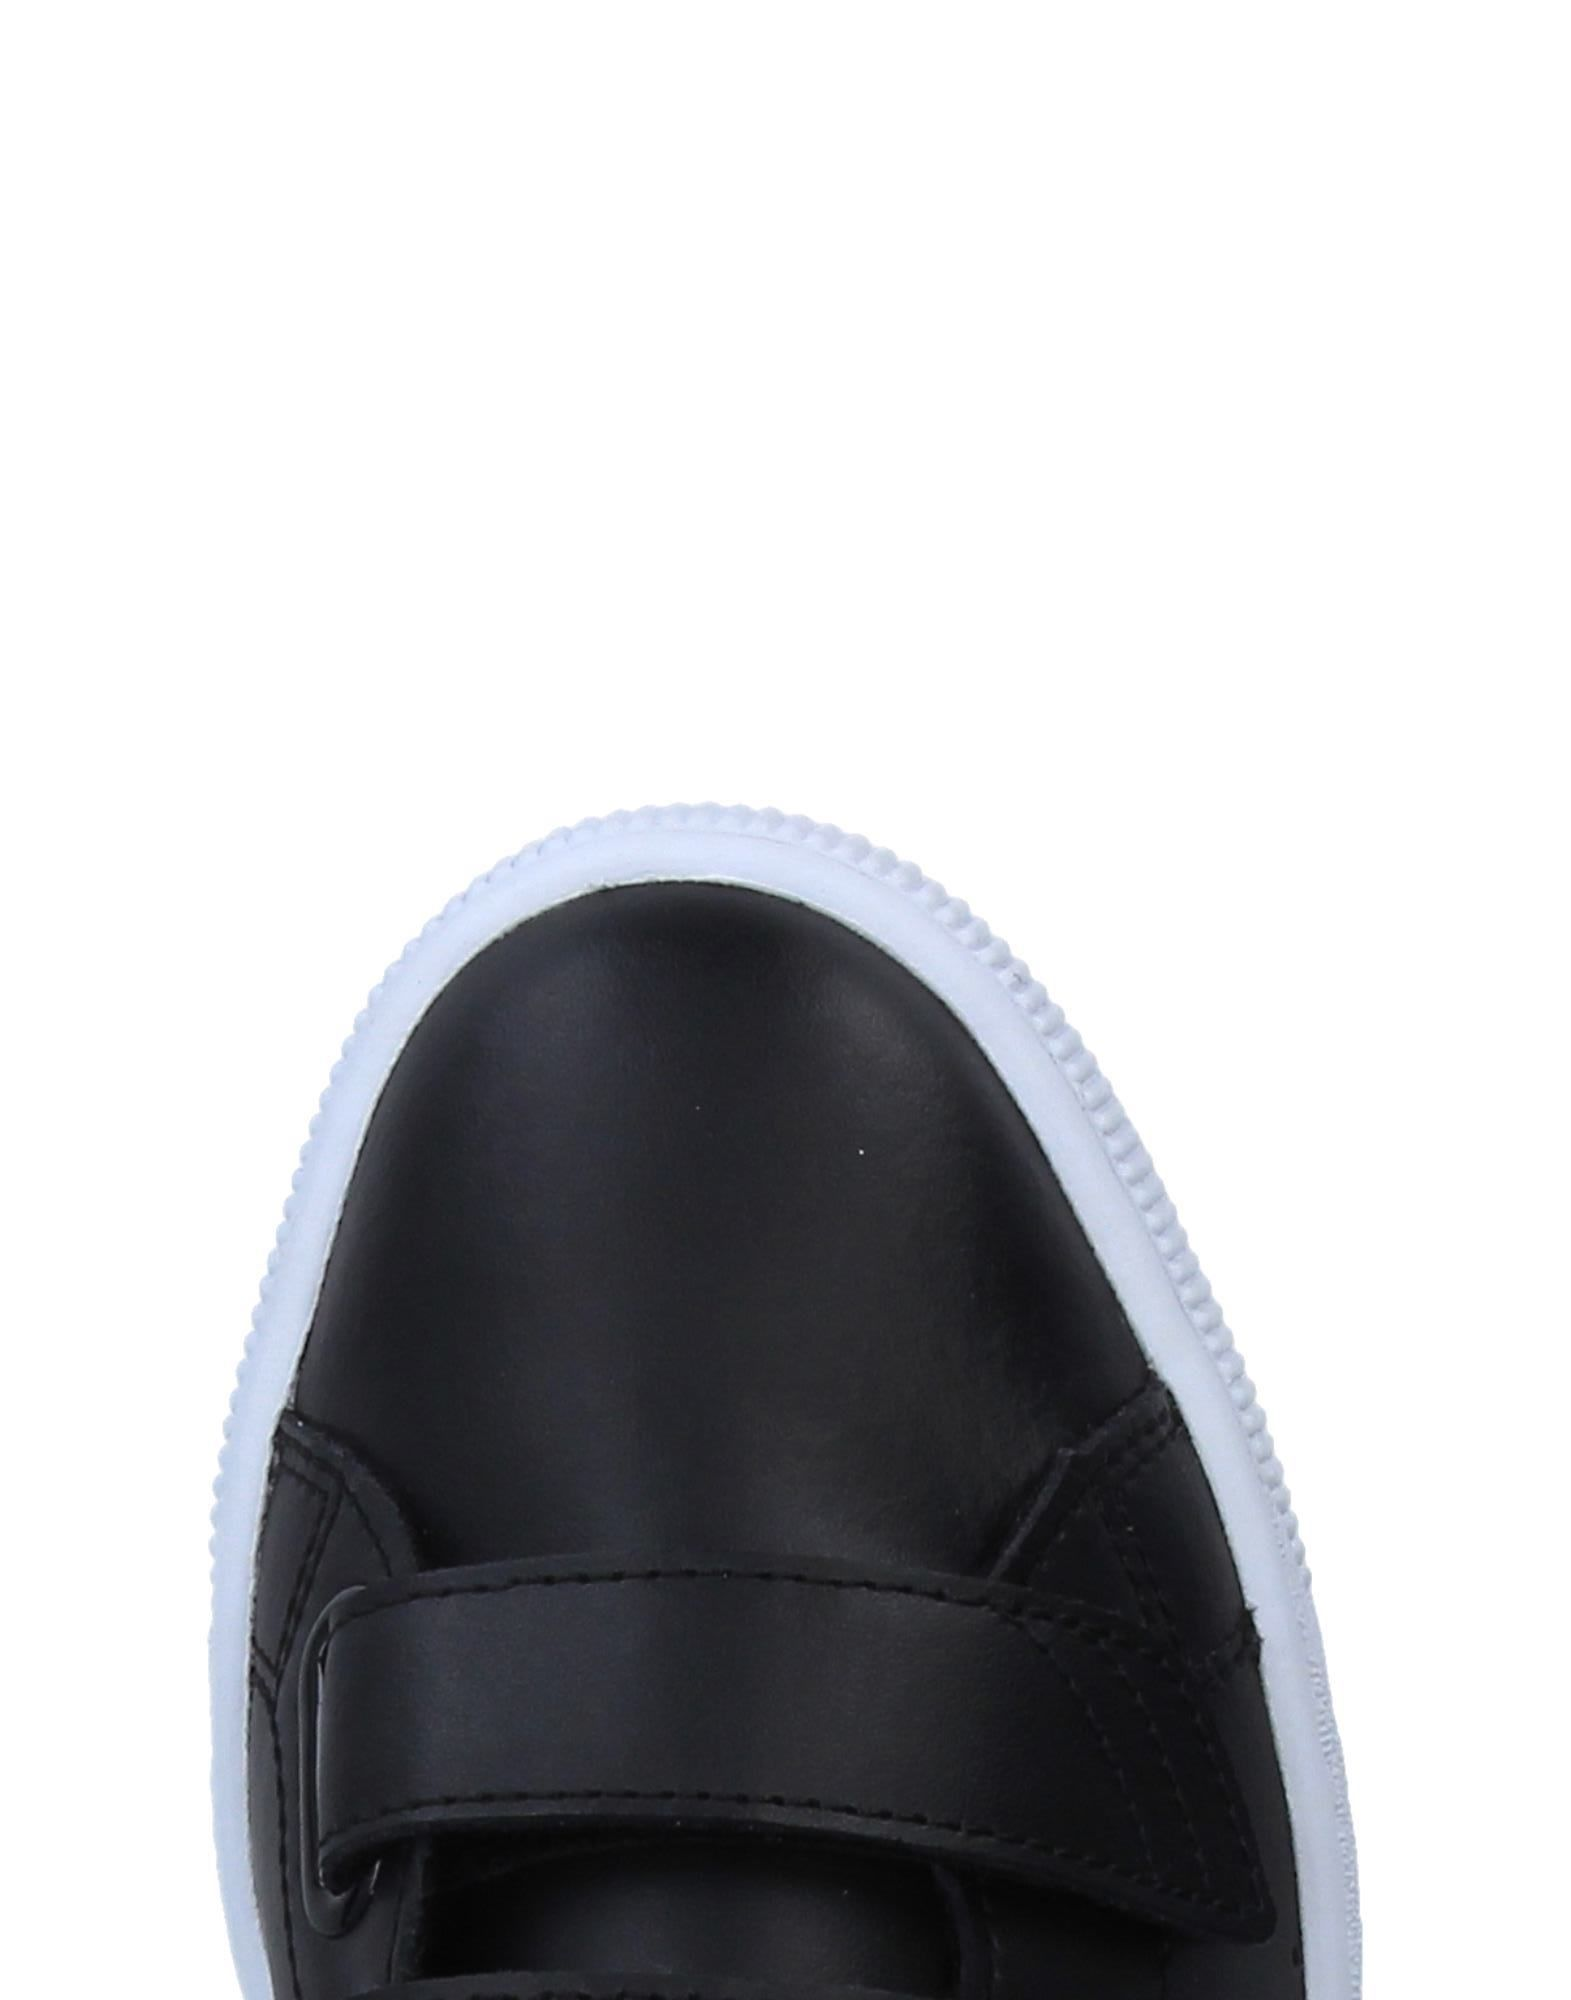 Puma Sneakers - Women Puma Puma Puma Sneakers online on  Canada - 11333649VX 9182fb